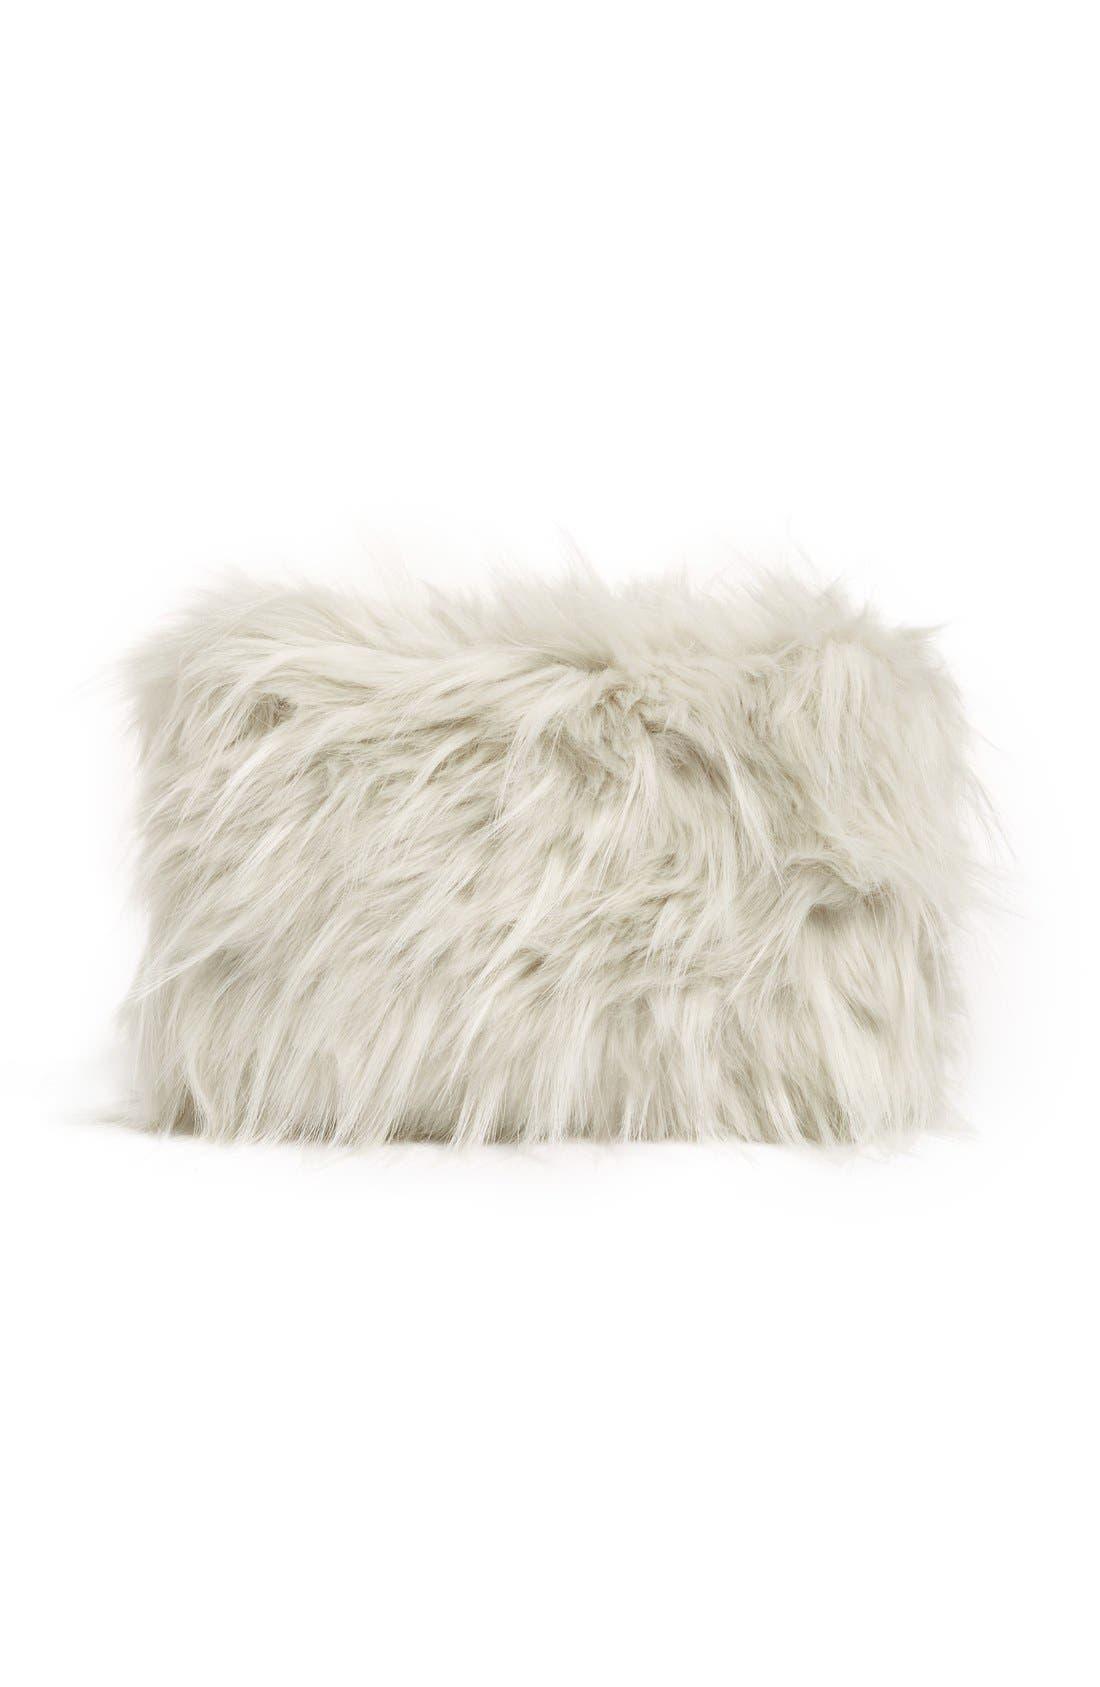 Cuddle Up Faux Fur Pouch,                             Alternate thumbnail 3, color,                             030